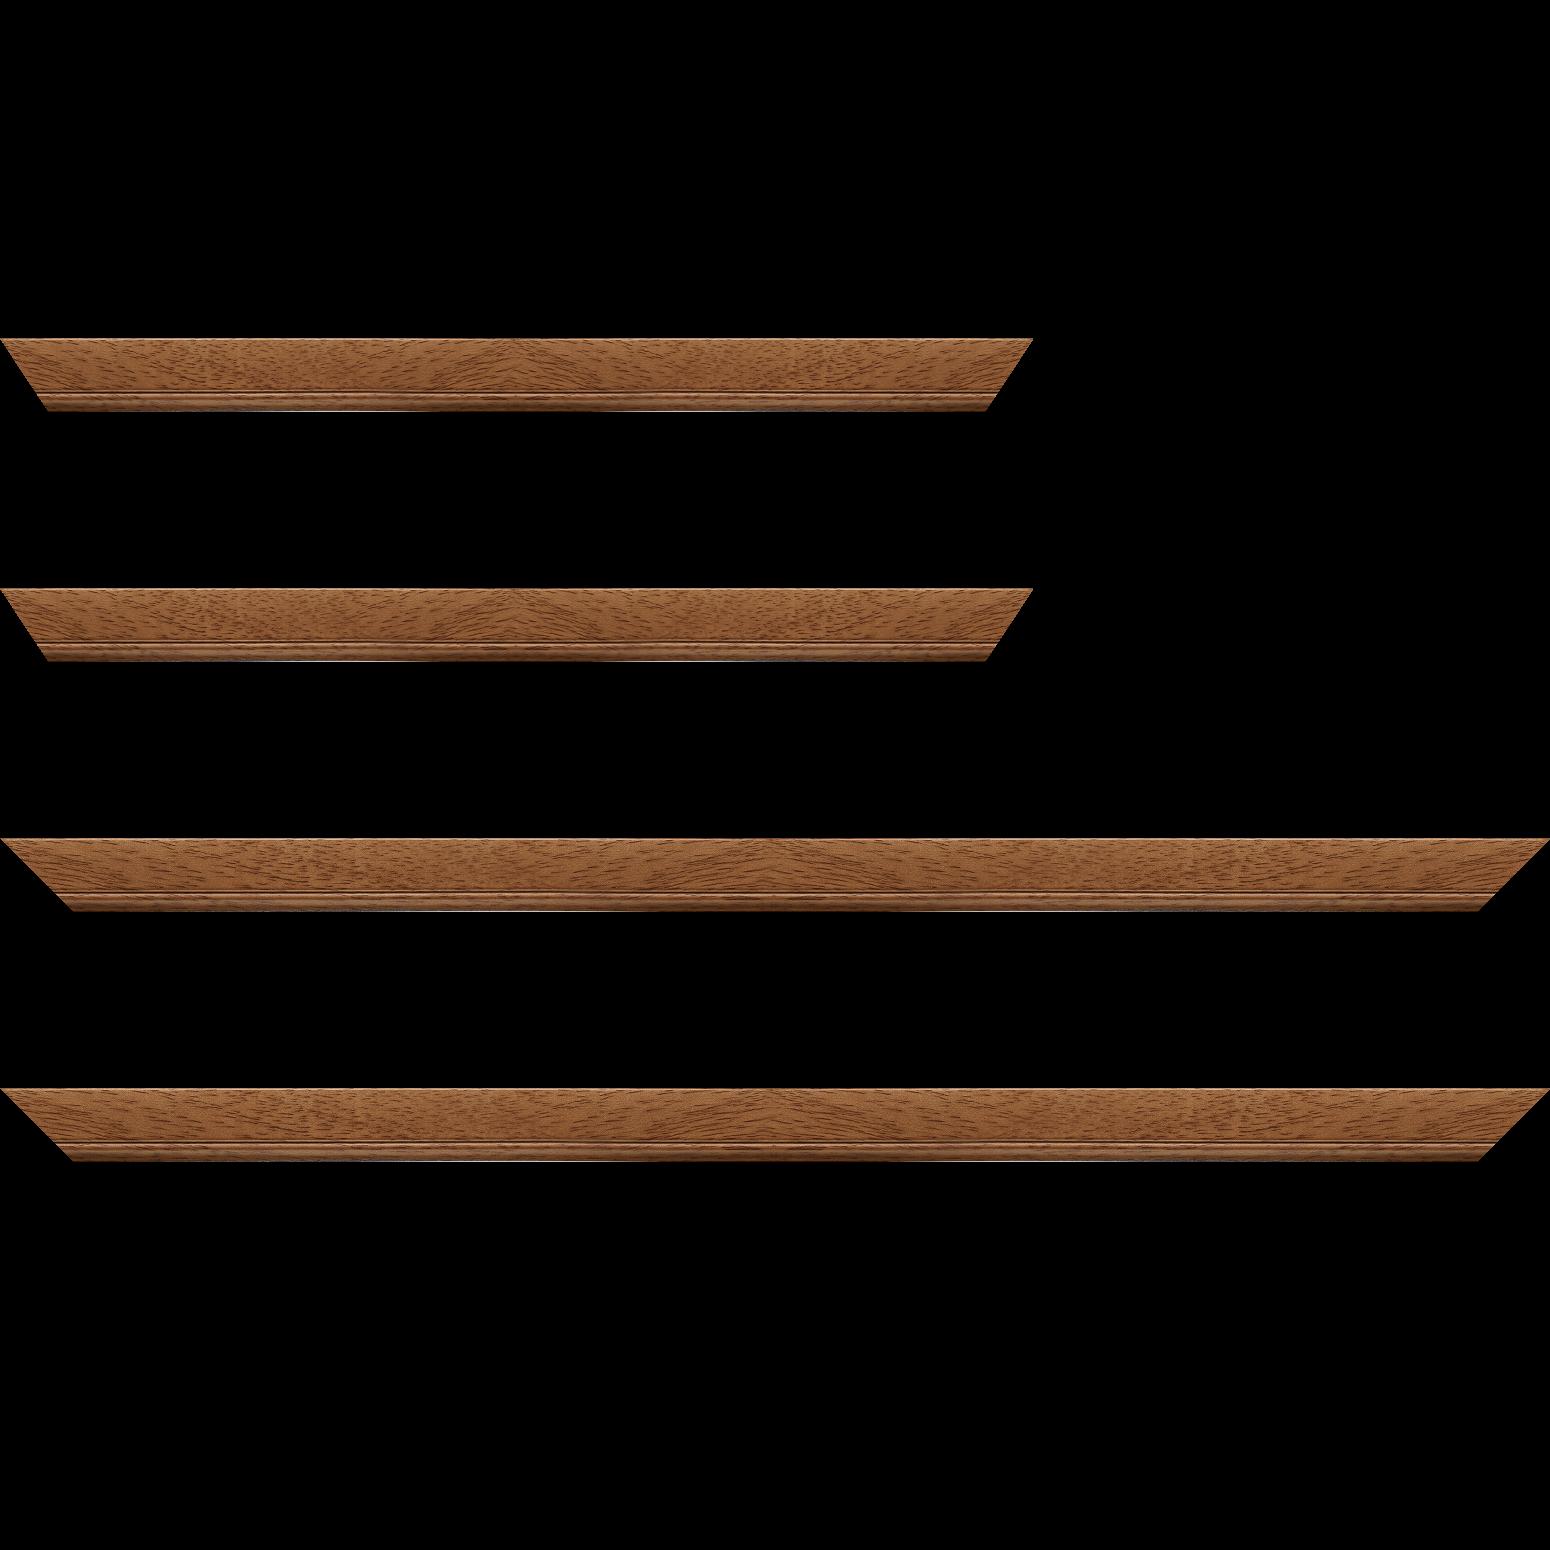 Baguette service précoupé Bois profil plat largeur 2.5cm couleur marron ton bois